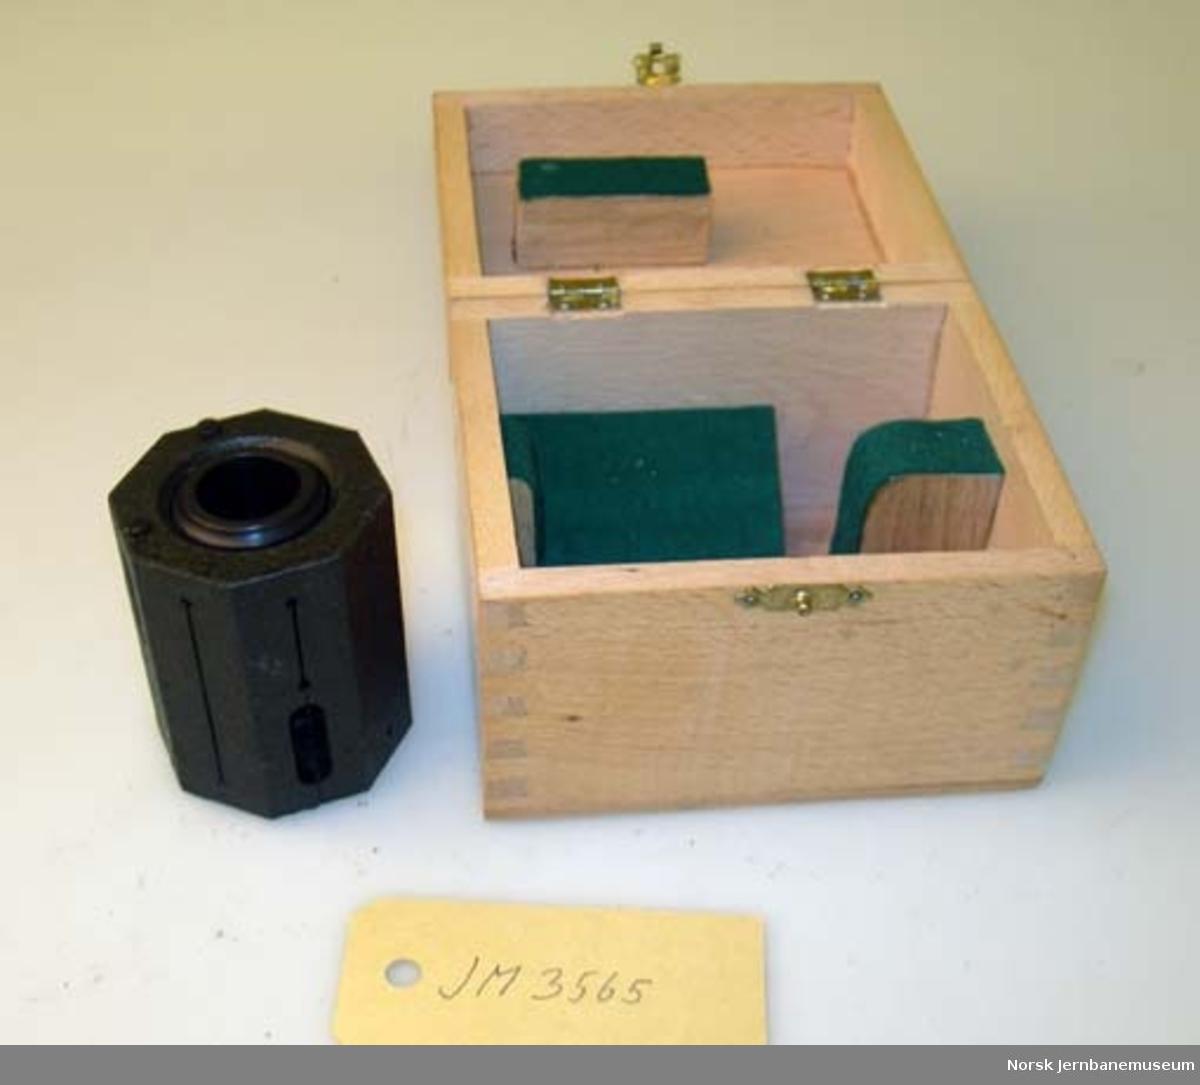 Landmåleinstrument : equerre : brukt til innsetting av 90 grader ved profilering mm